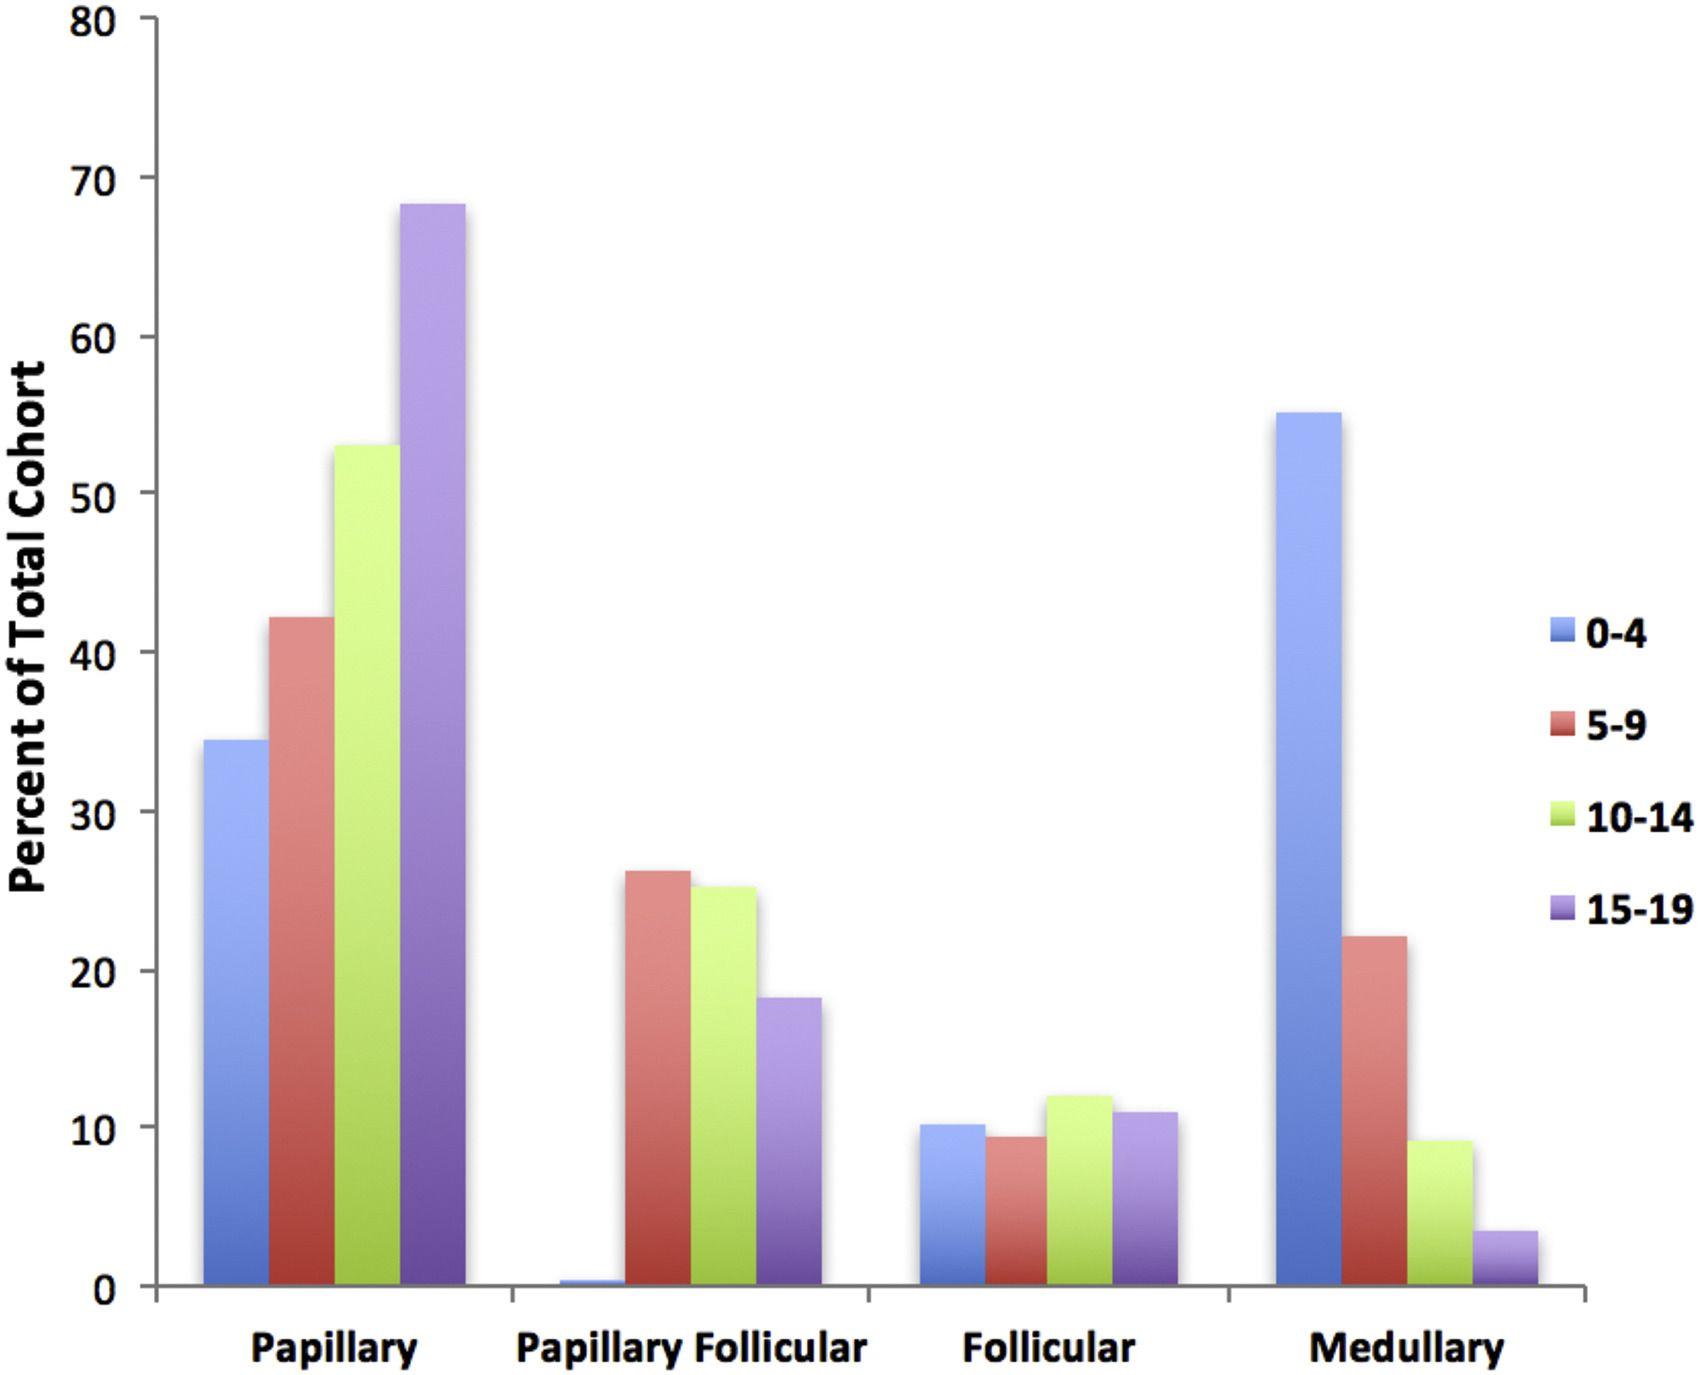 10万人当たりの頻度の高いサブタイプ順にコホート全体のパーセントで表した小児甲状腺がんの発生率を示す図。